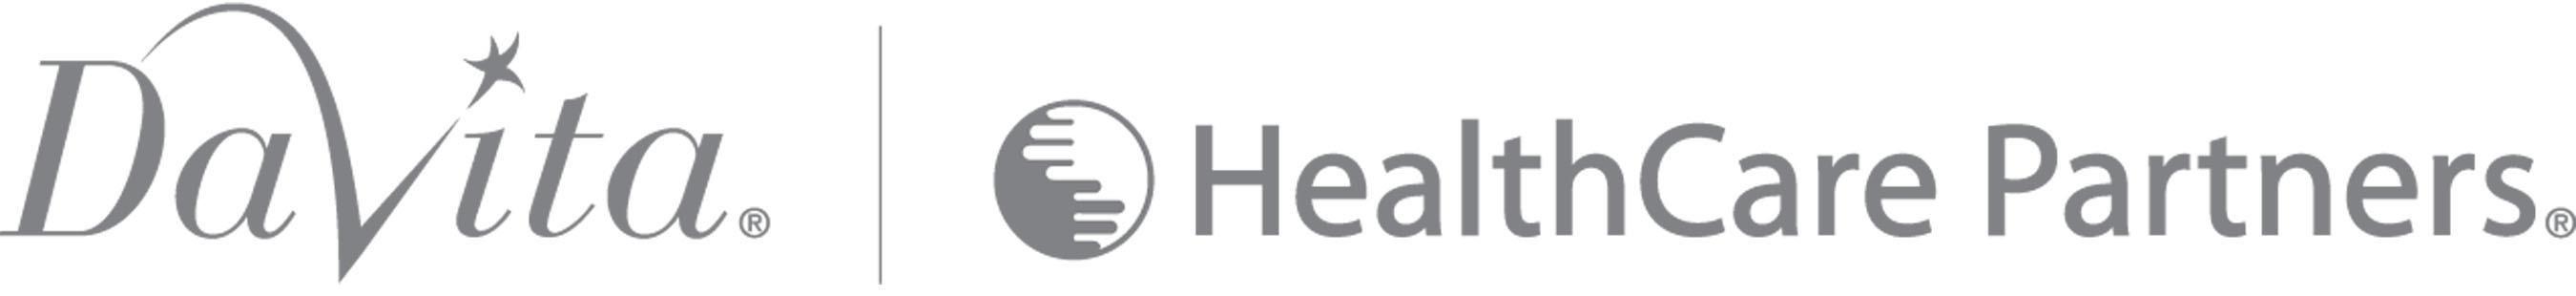 www.davitahealthcarepartners.com.